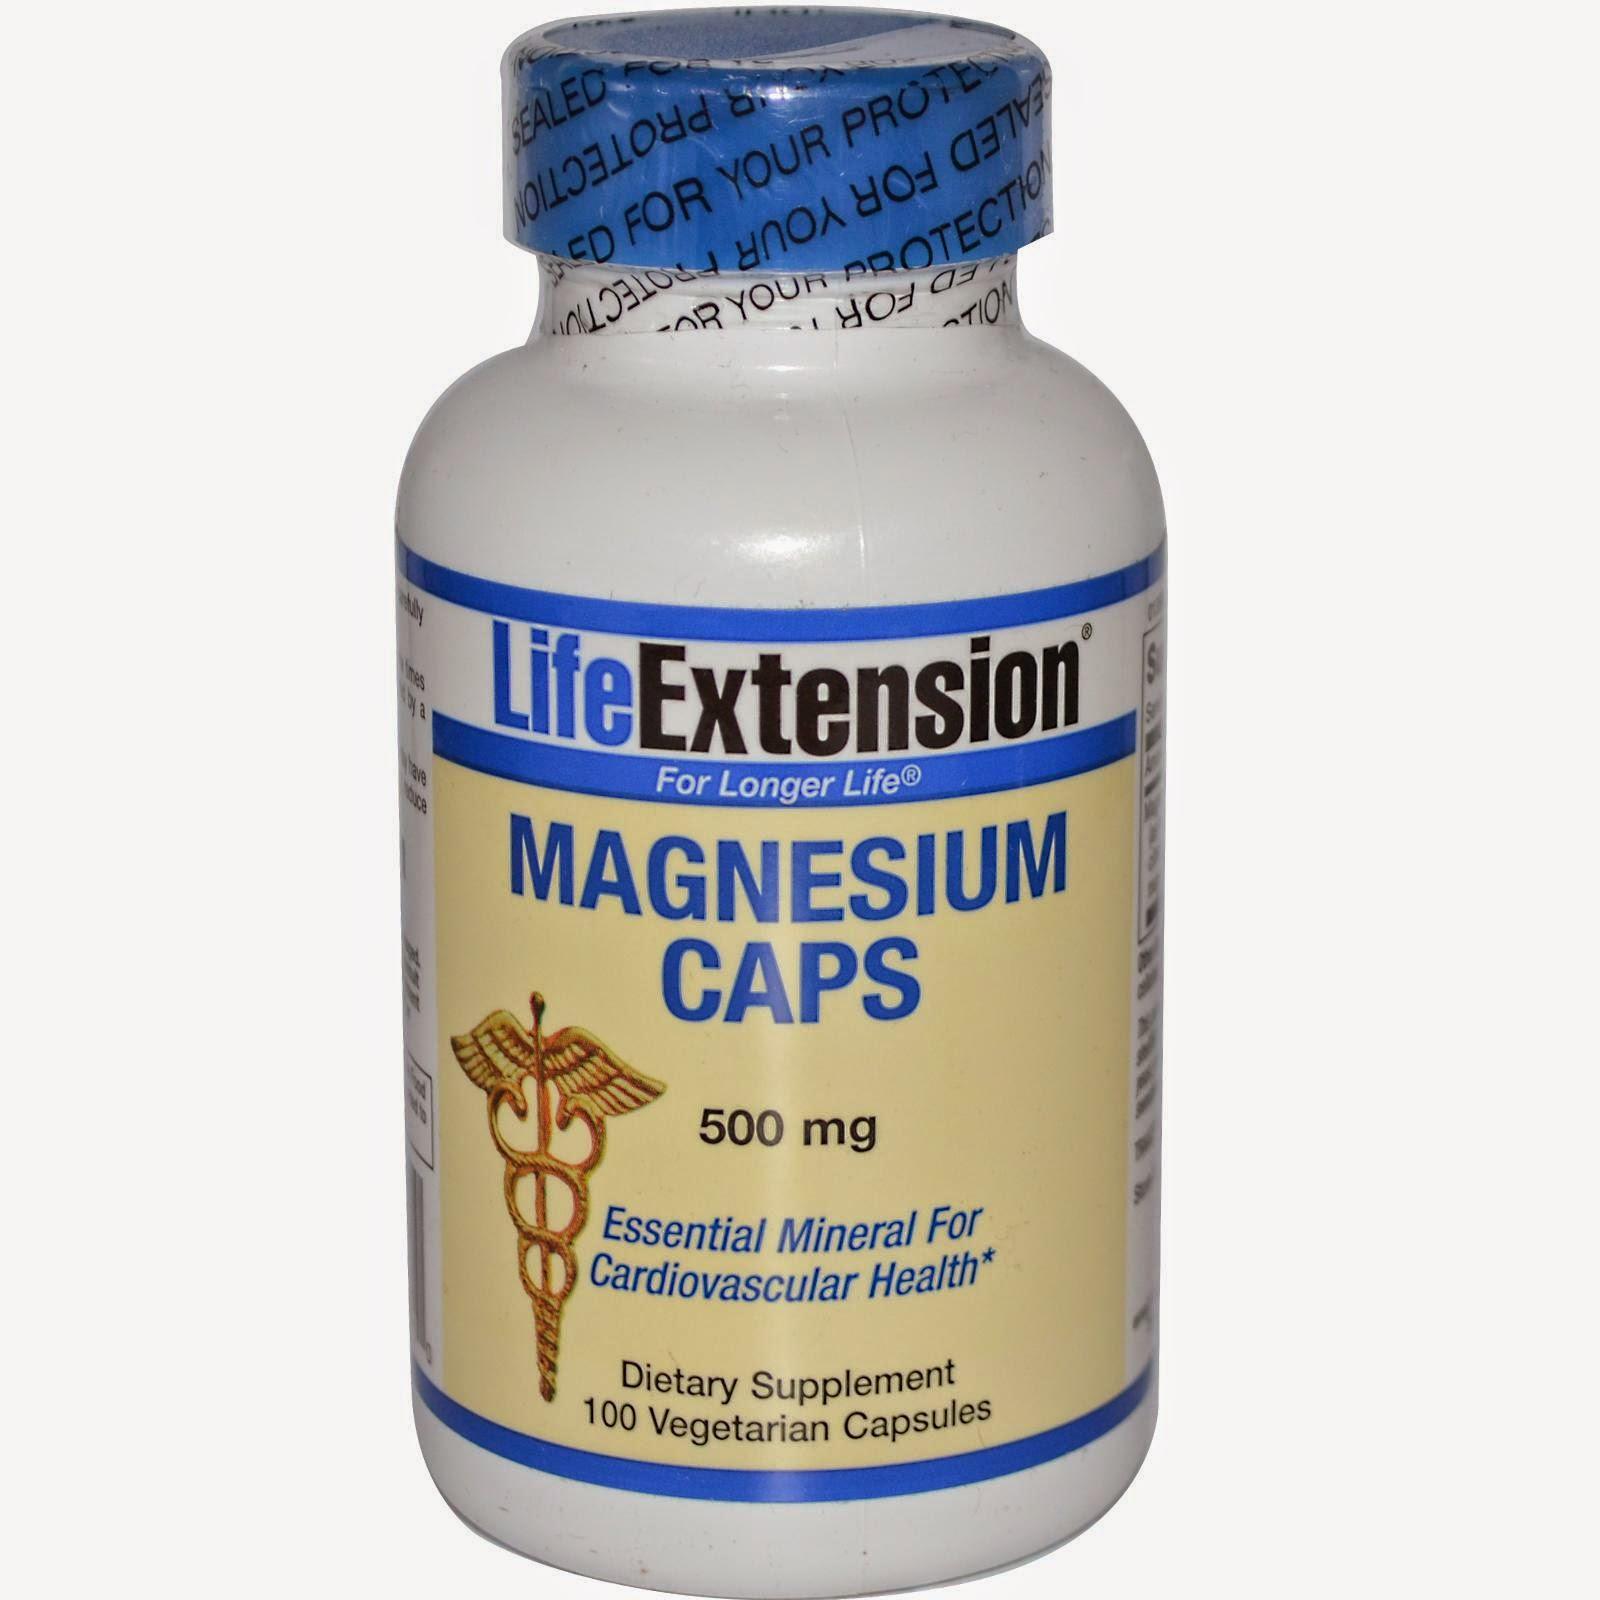 http://www.iherb.com/Life-Extension-Magnesium-Caps-500-mg-100-Veggie-Caps/37384/